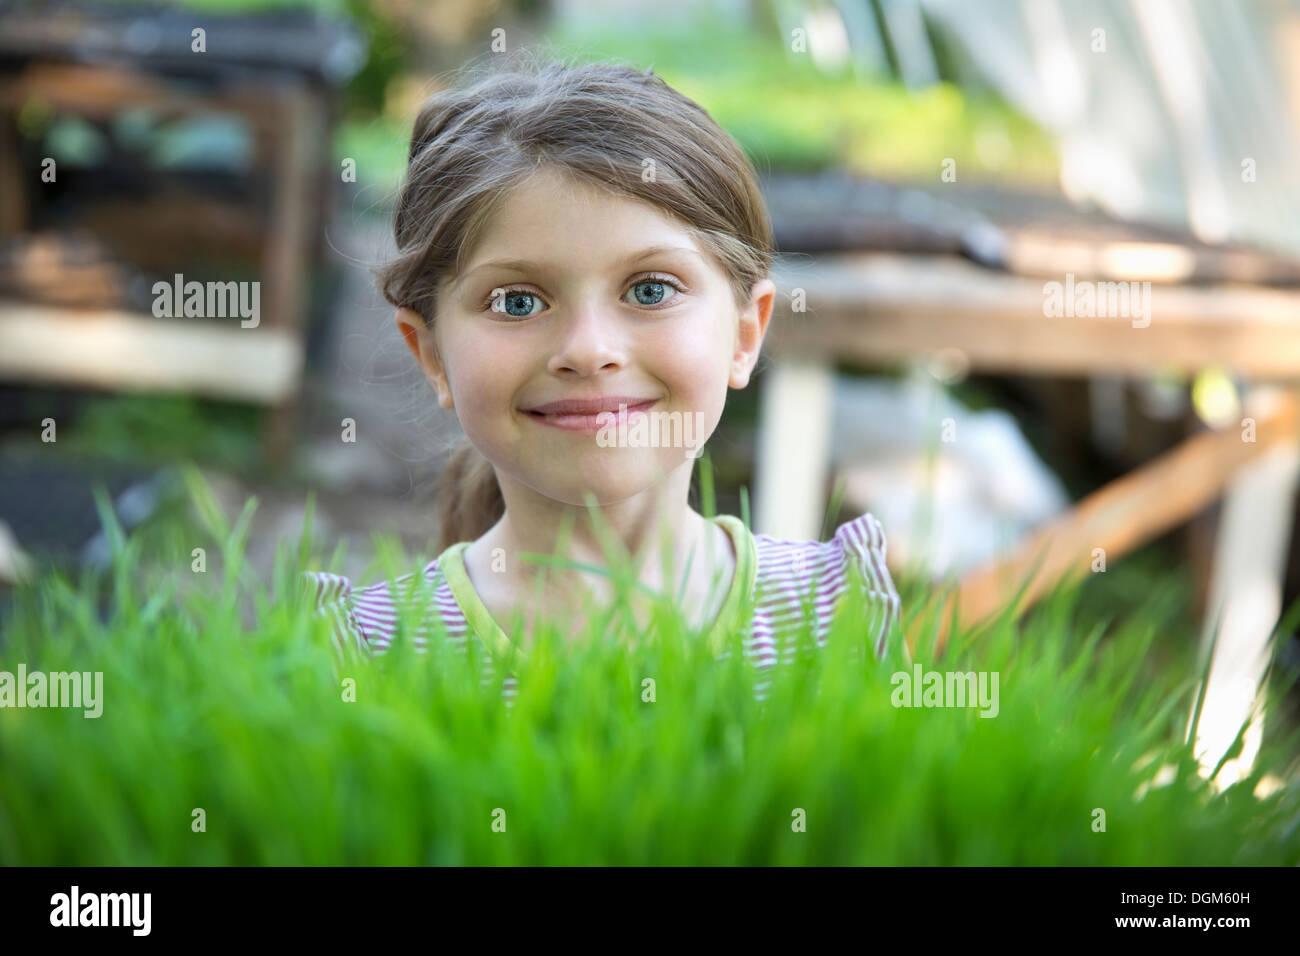 Nella fattoria. Una ragazza sorridente permanente da un banco di serra guardando sopra i germogli verdi di piantine che crescono in vassoi. Immagini Stock